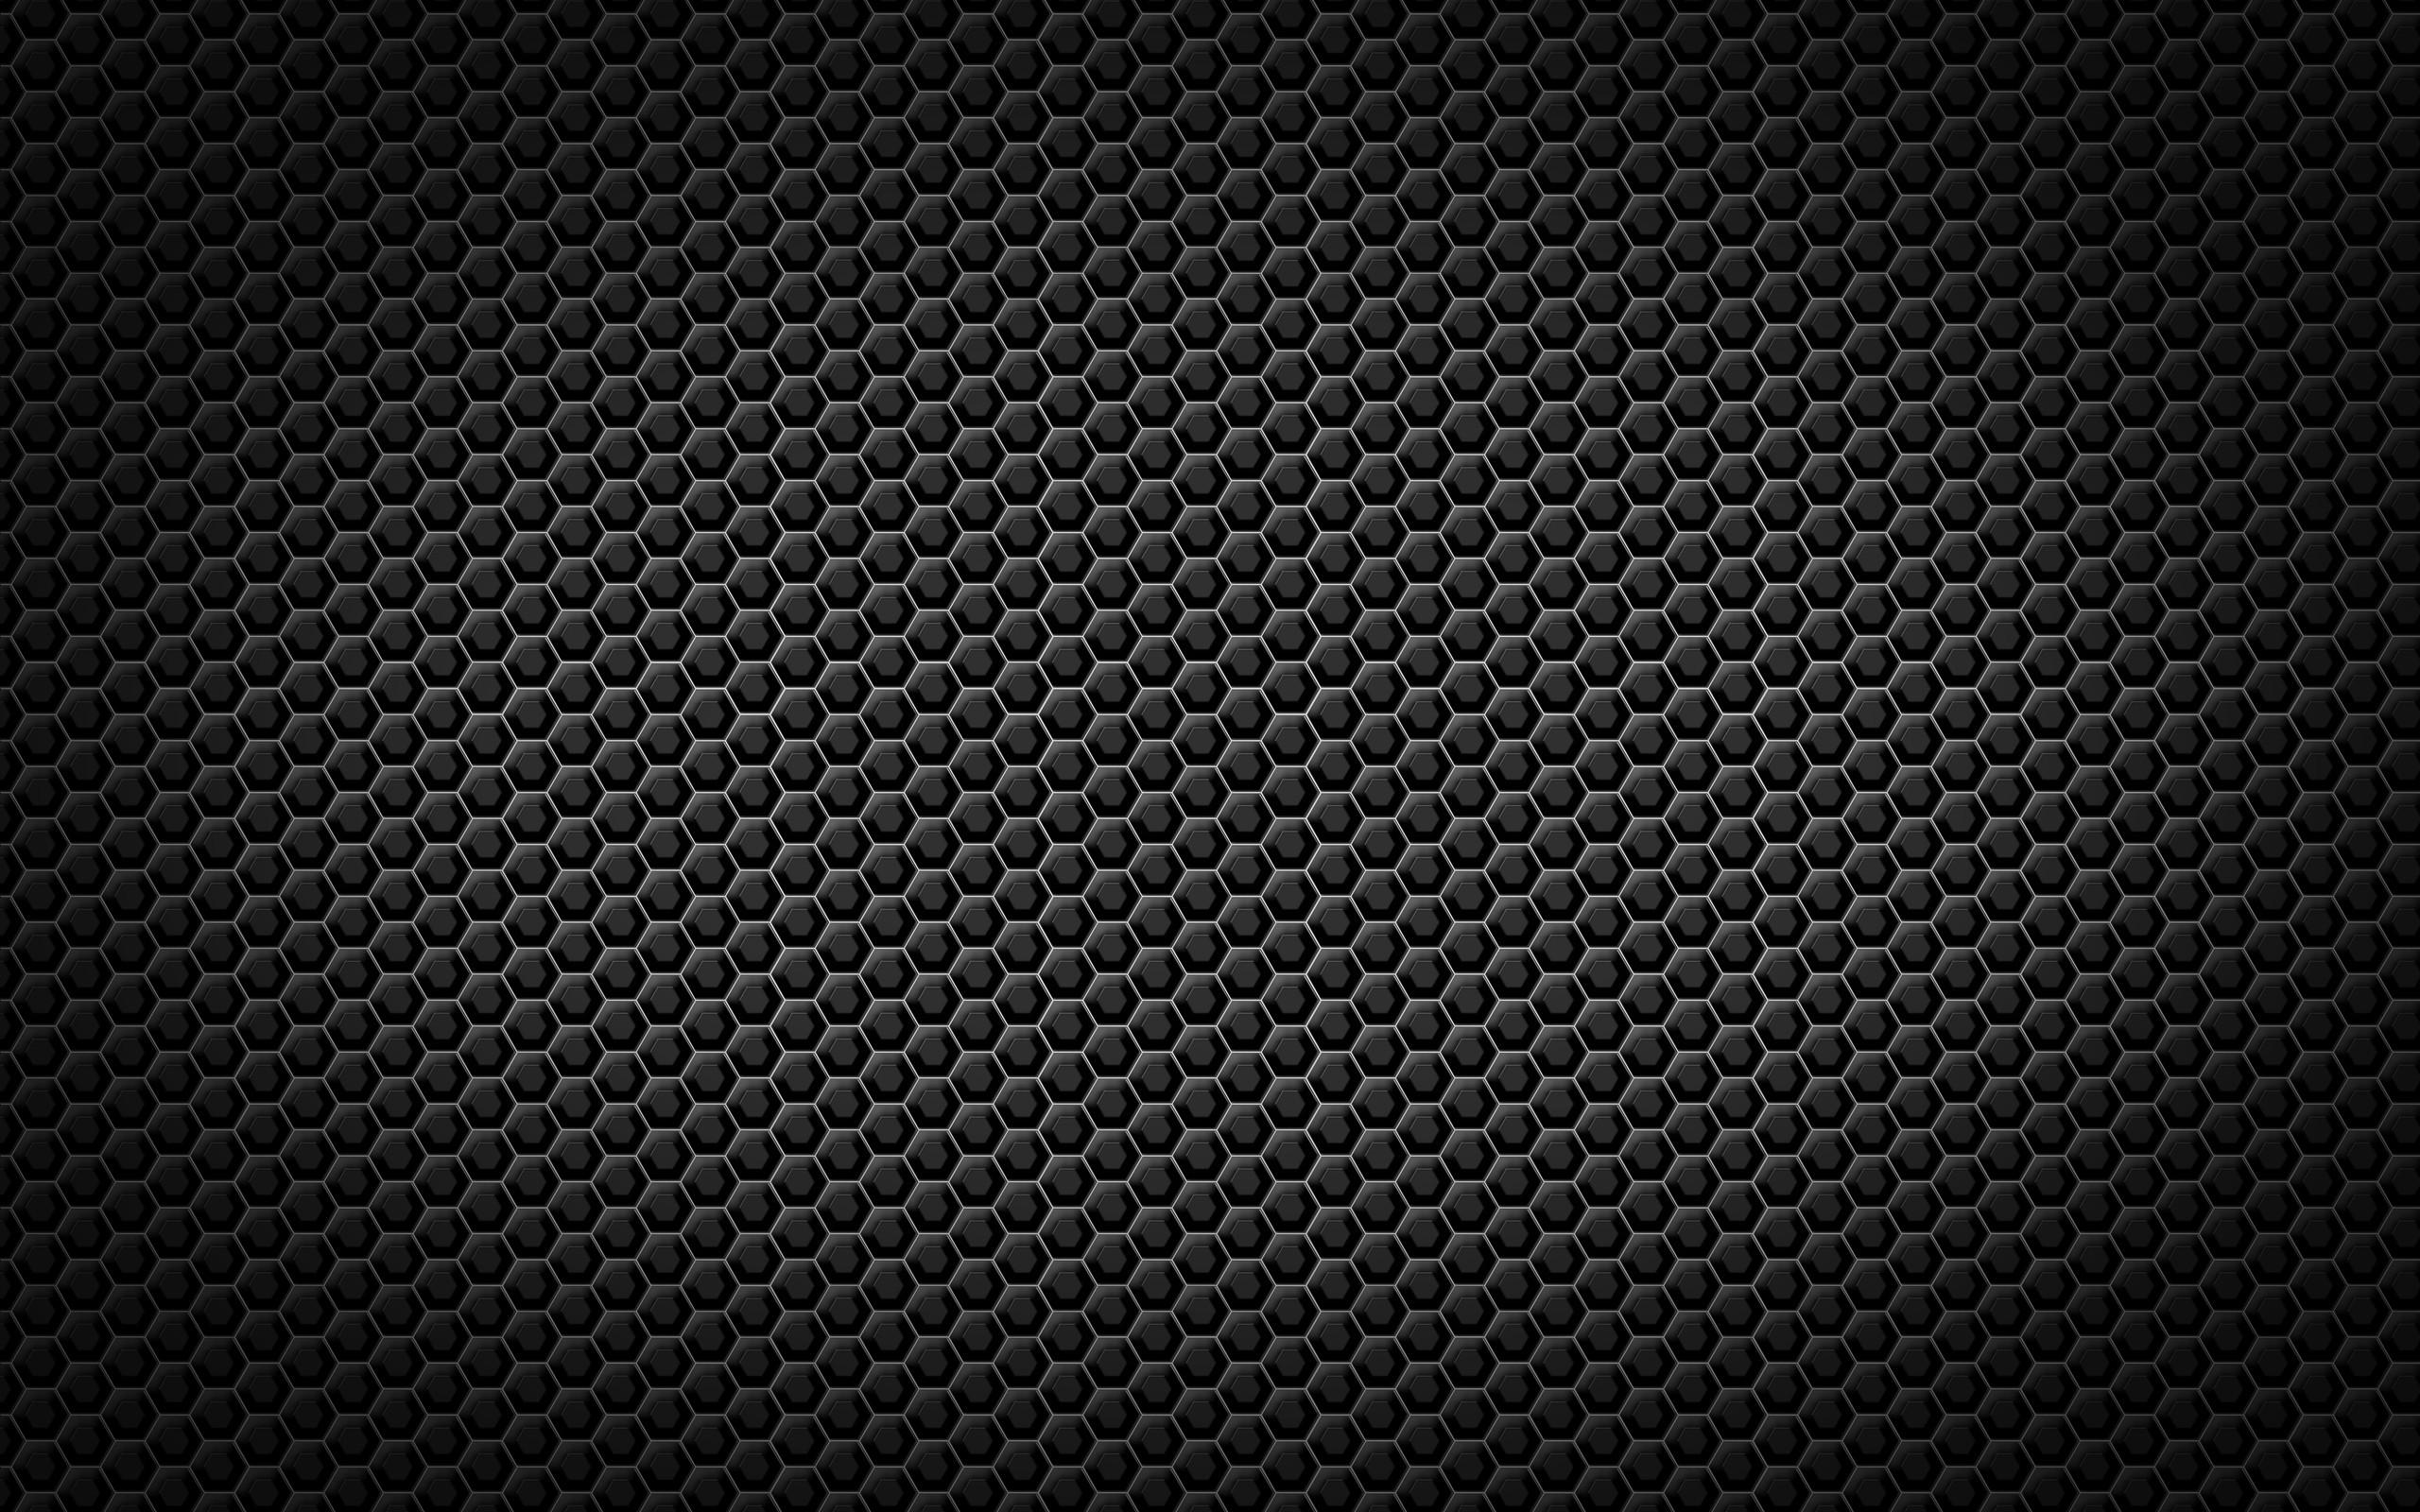 Black Pattern Backgrounds